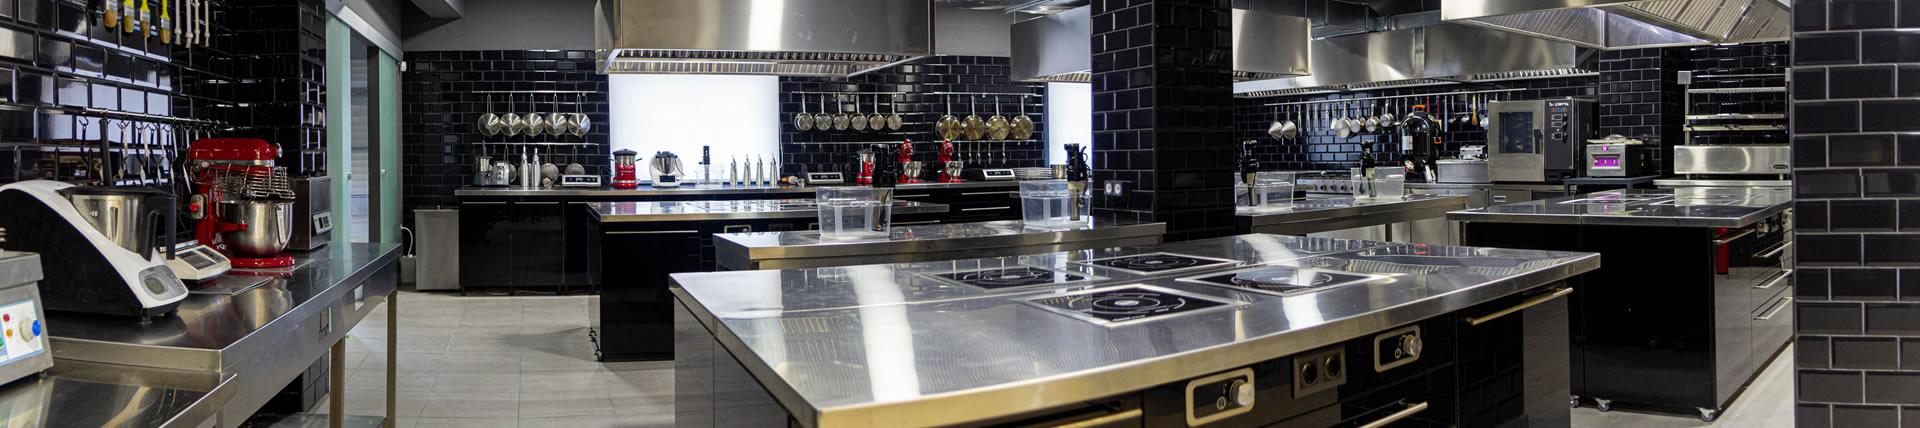 Ταχύρυθμες Σπουδές Μαγειρικής Τέχνης Σεμινάρια μαγειρικής Χριστόφορος Πέσκιας